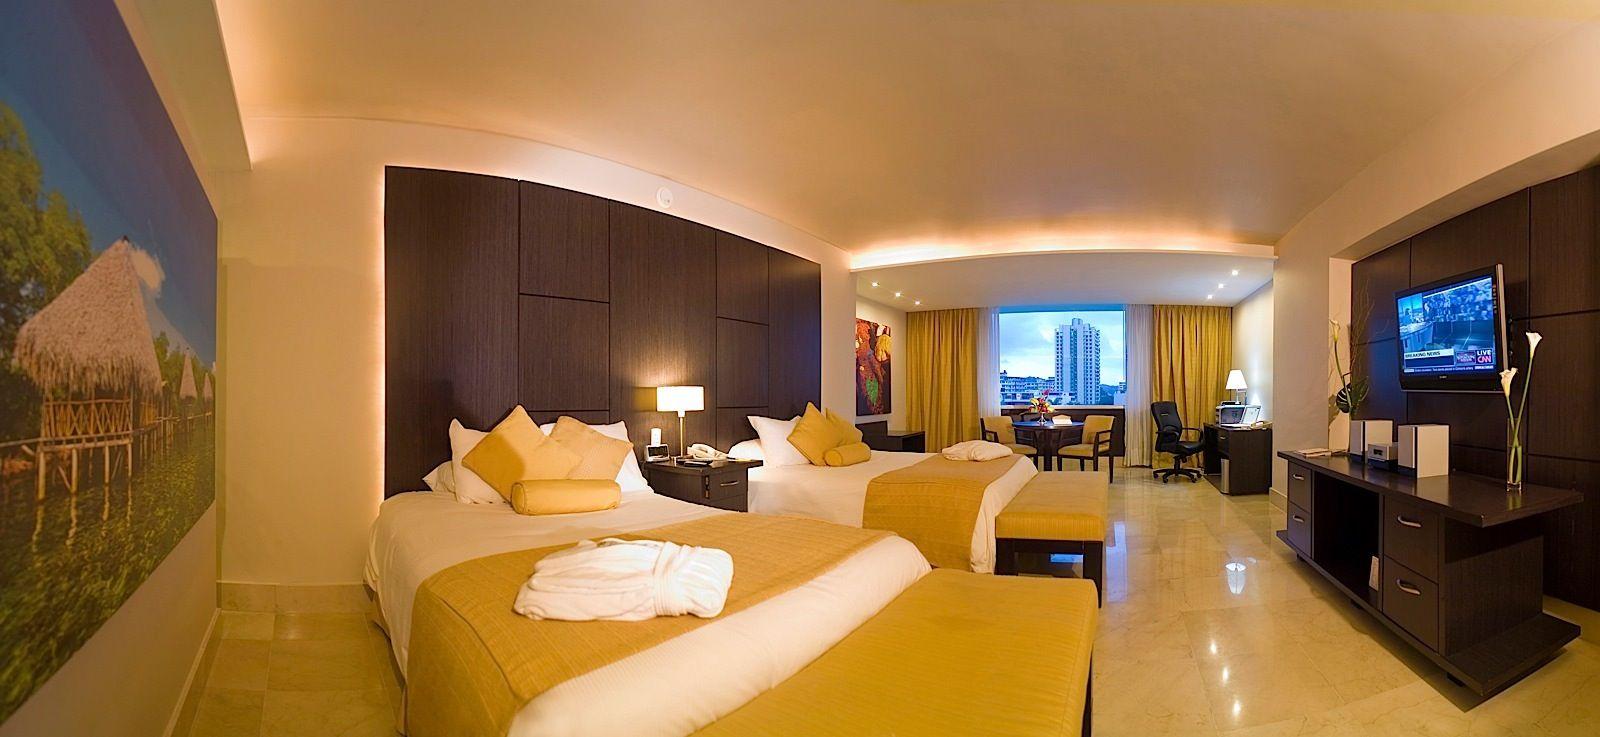 Pin de hotel naidelyn en habitaciones de nuestro hotel for Hoteles barcelona habitaciones cuadruples